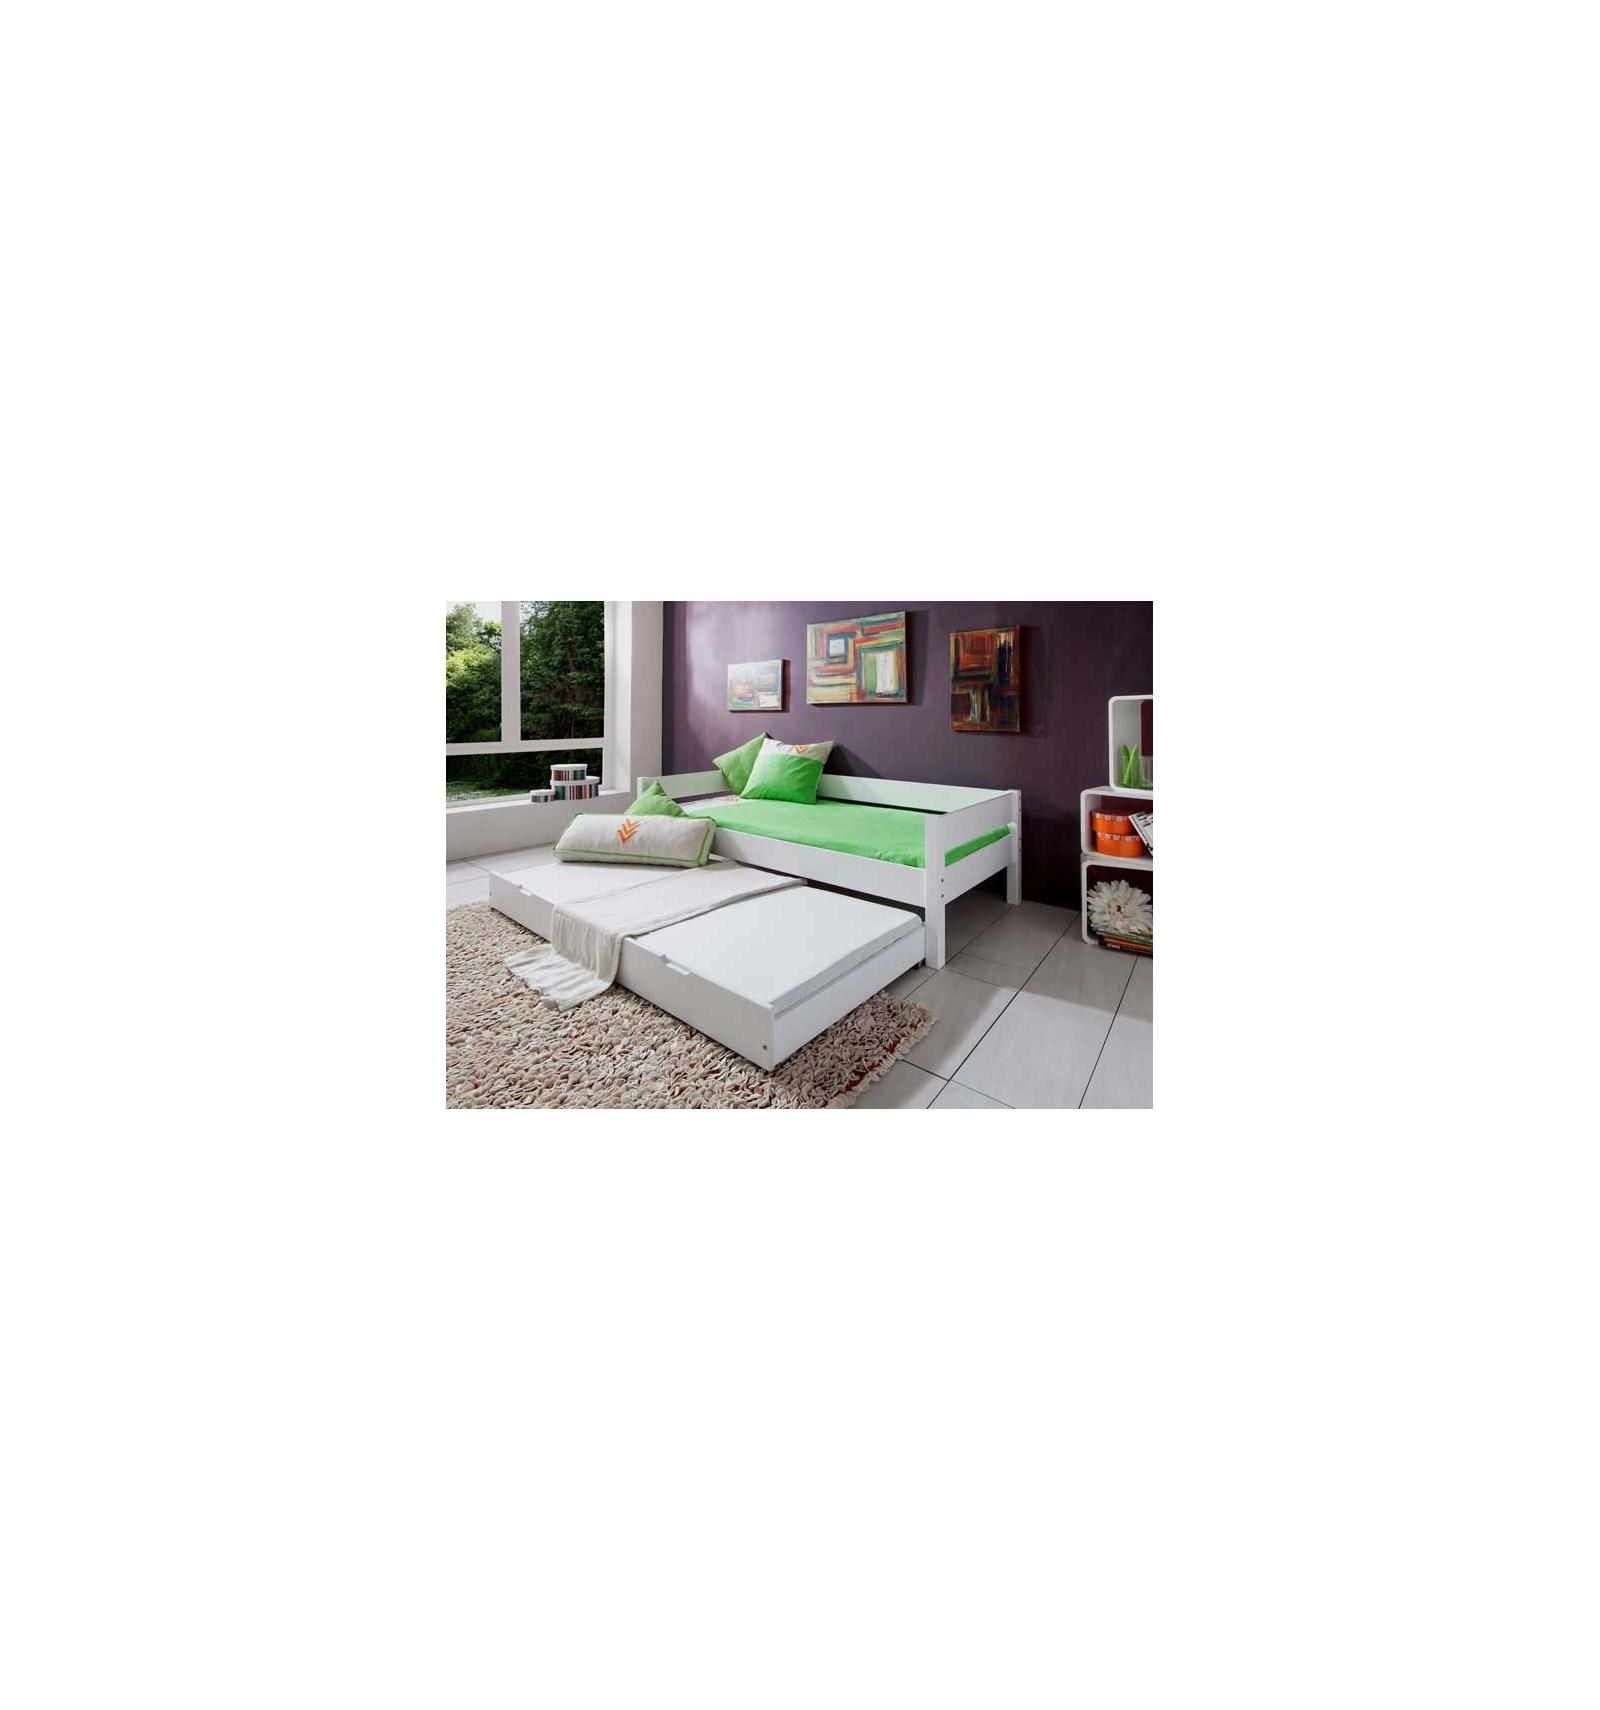 einzelbett aus holz. Black Bedroom Furniture Sets. Home Design Ideas